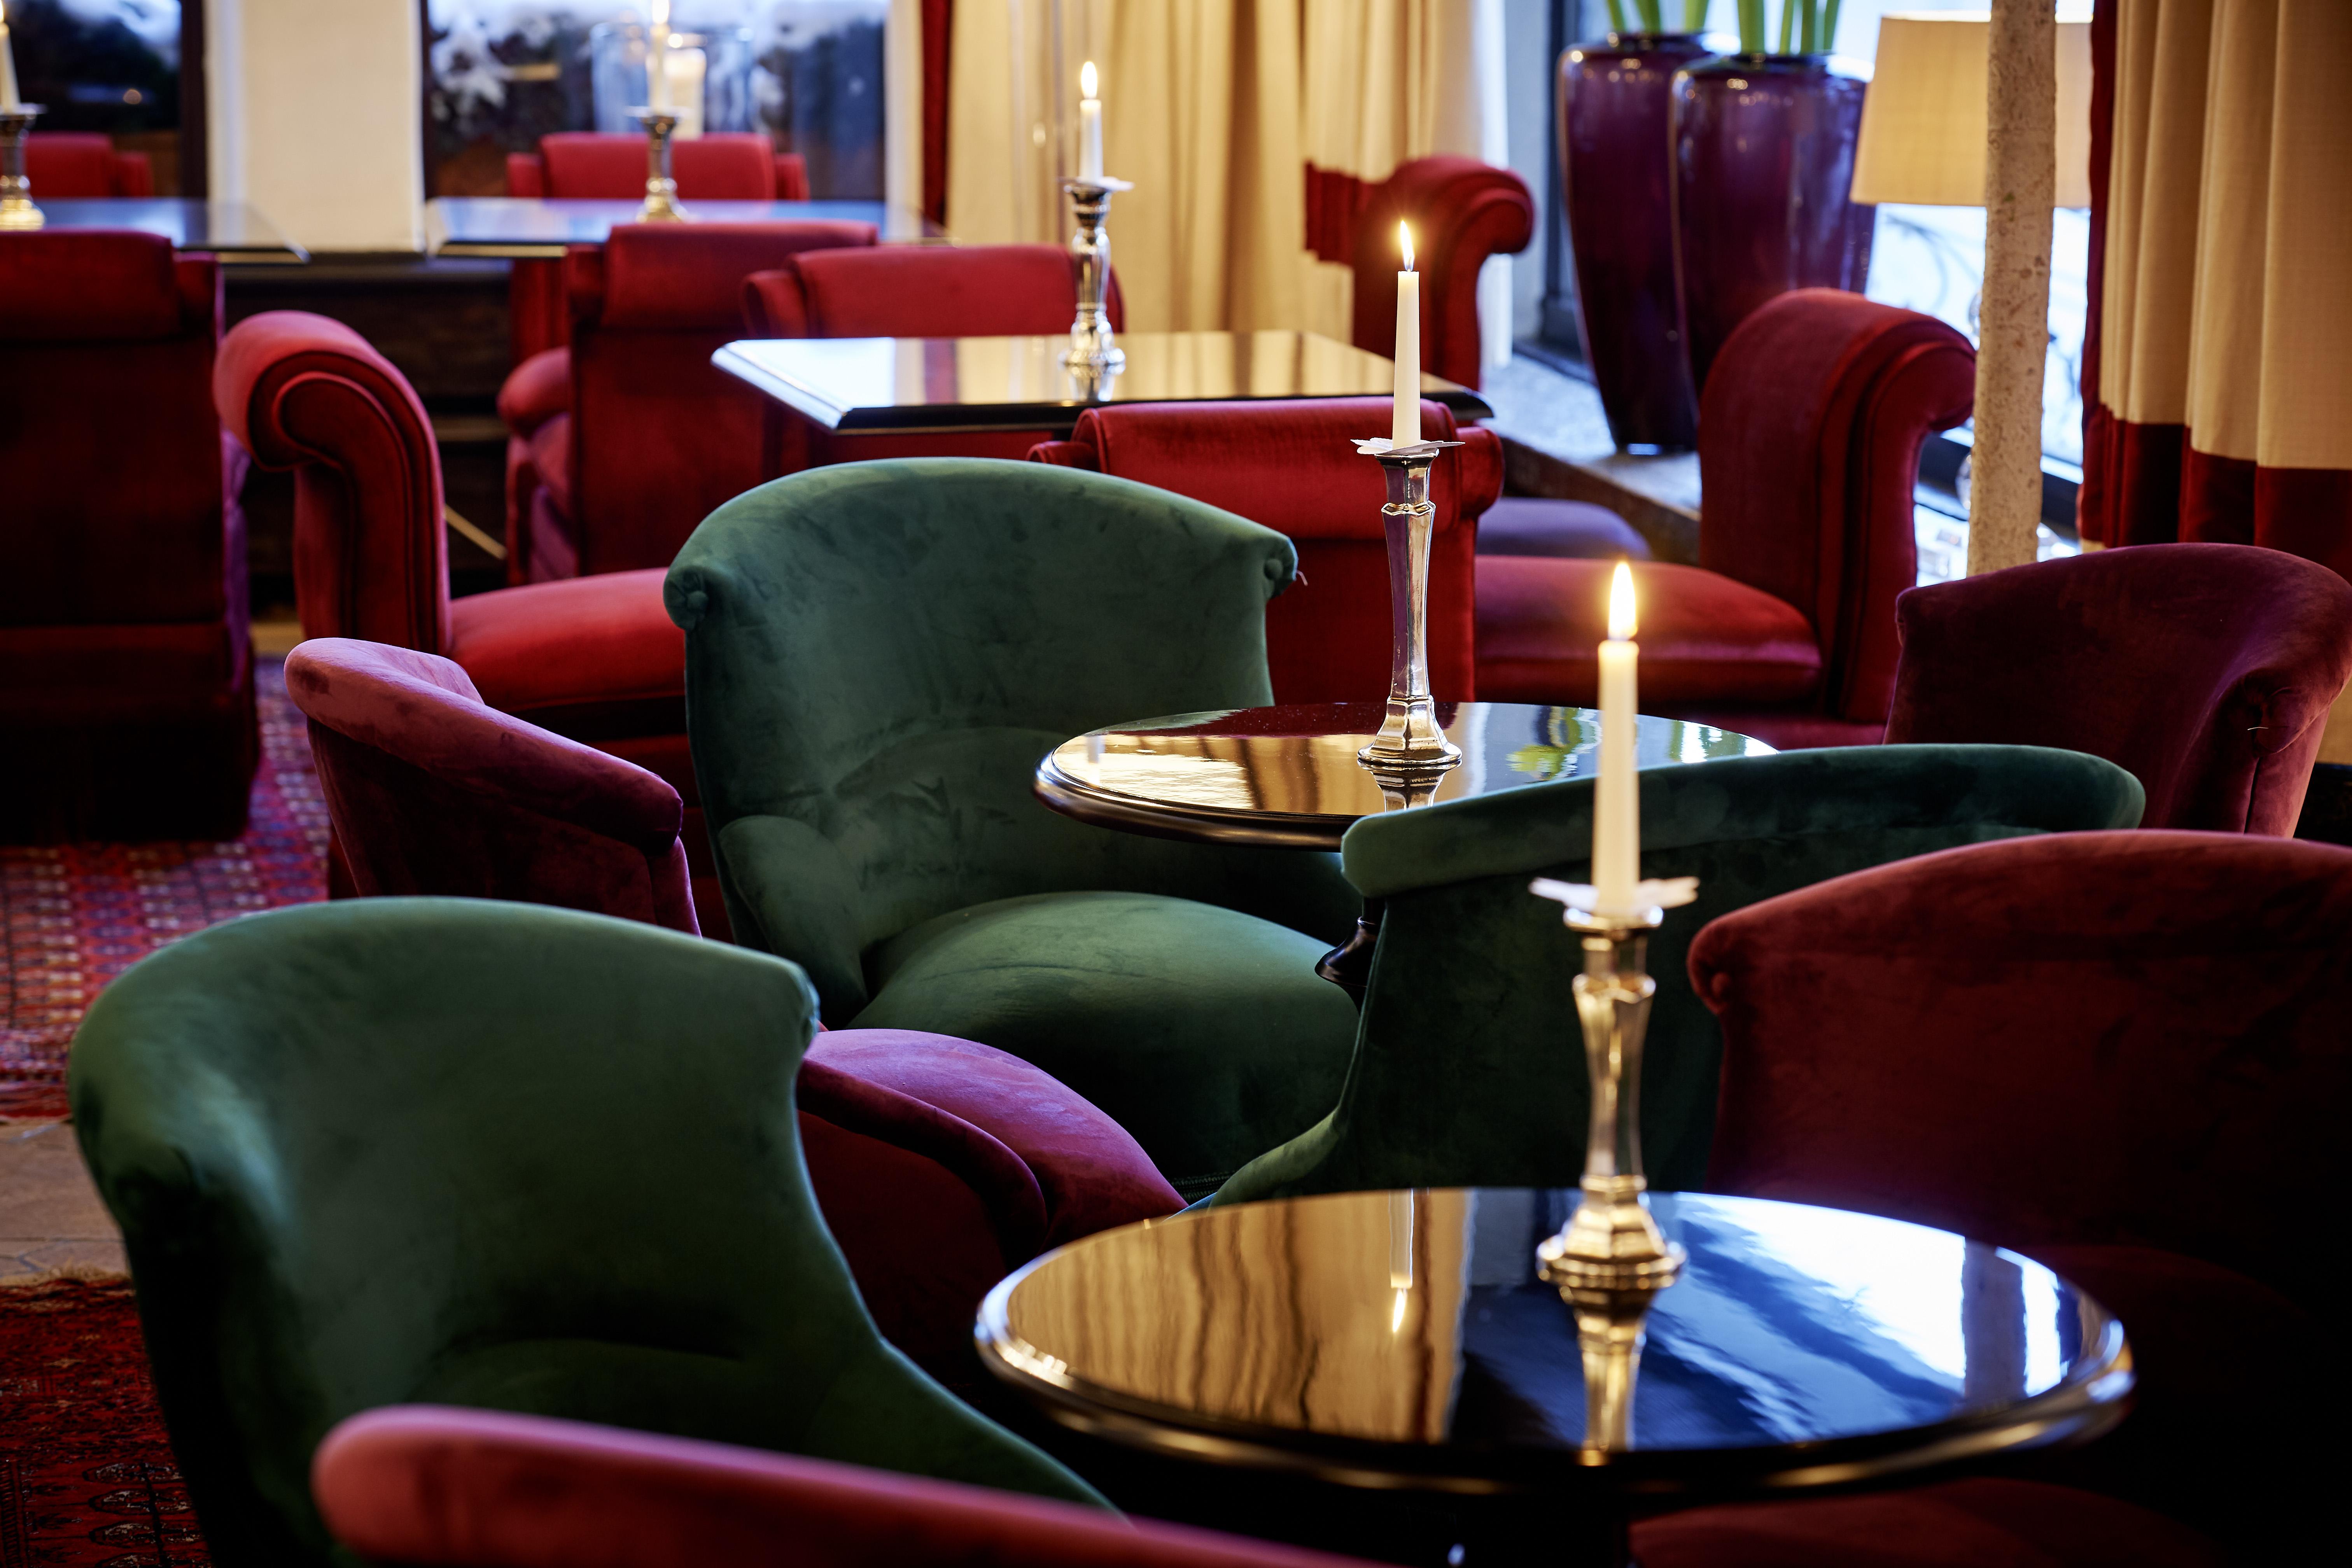 Stühle an kleinen Tischen mit Kerzenleuchtern in der Coco's Lounge des Hotels